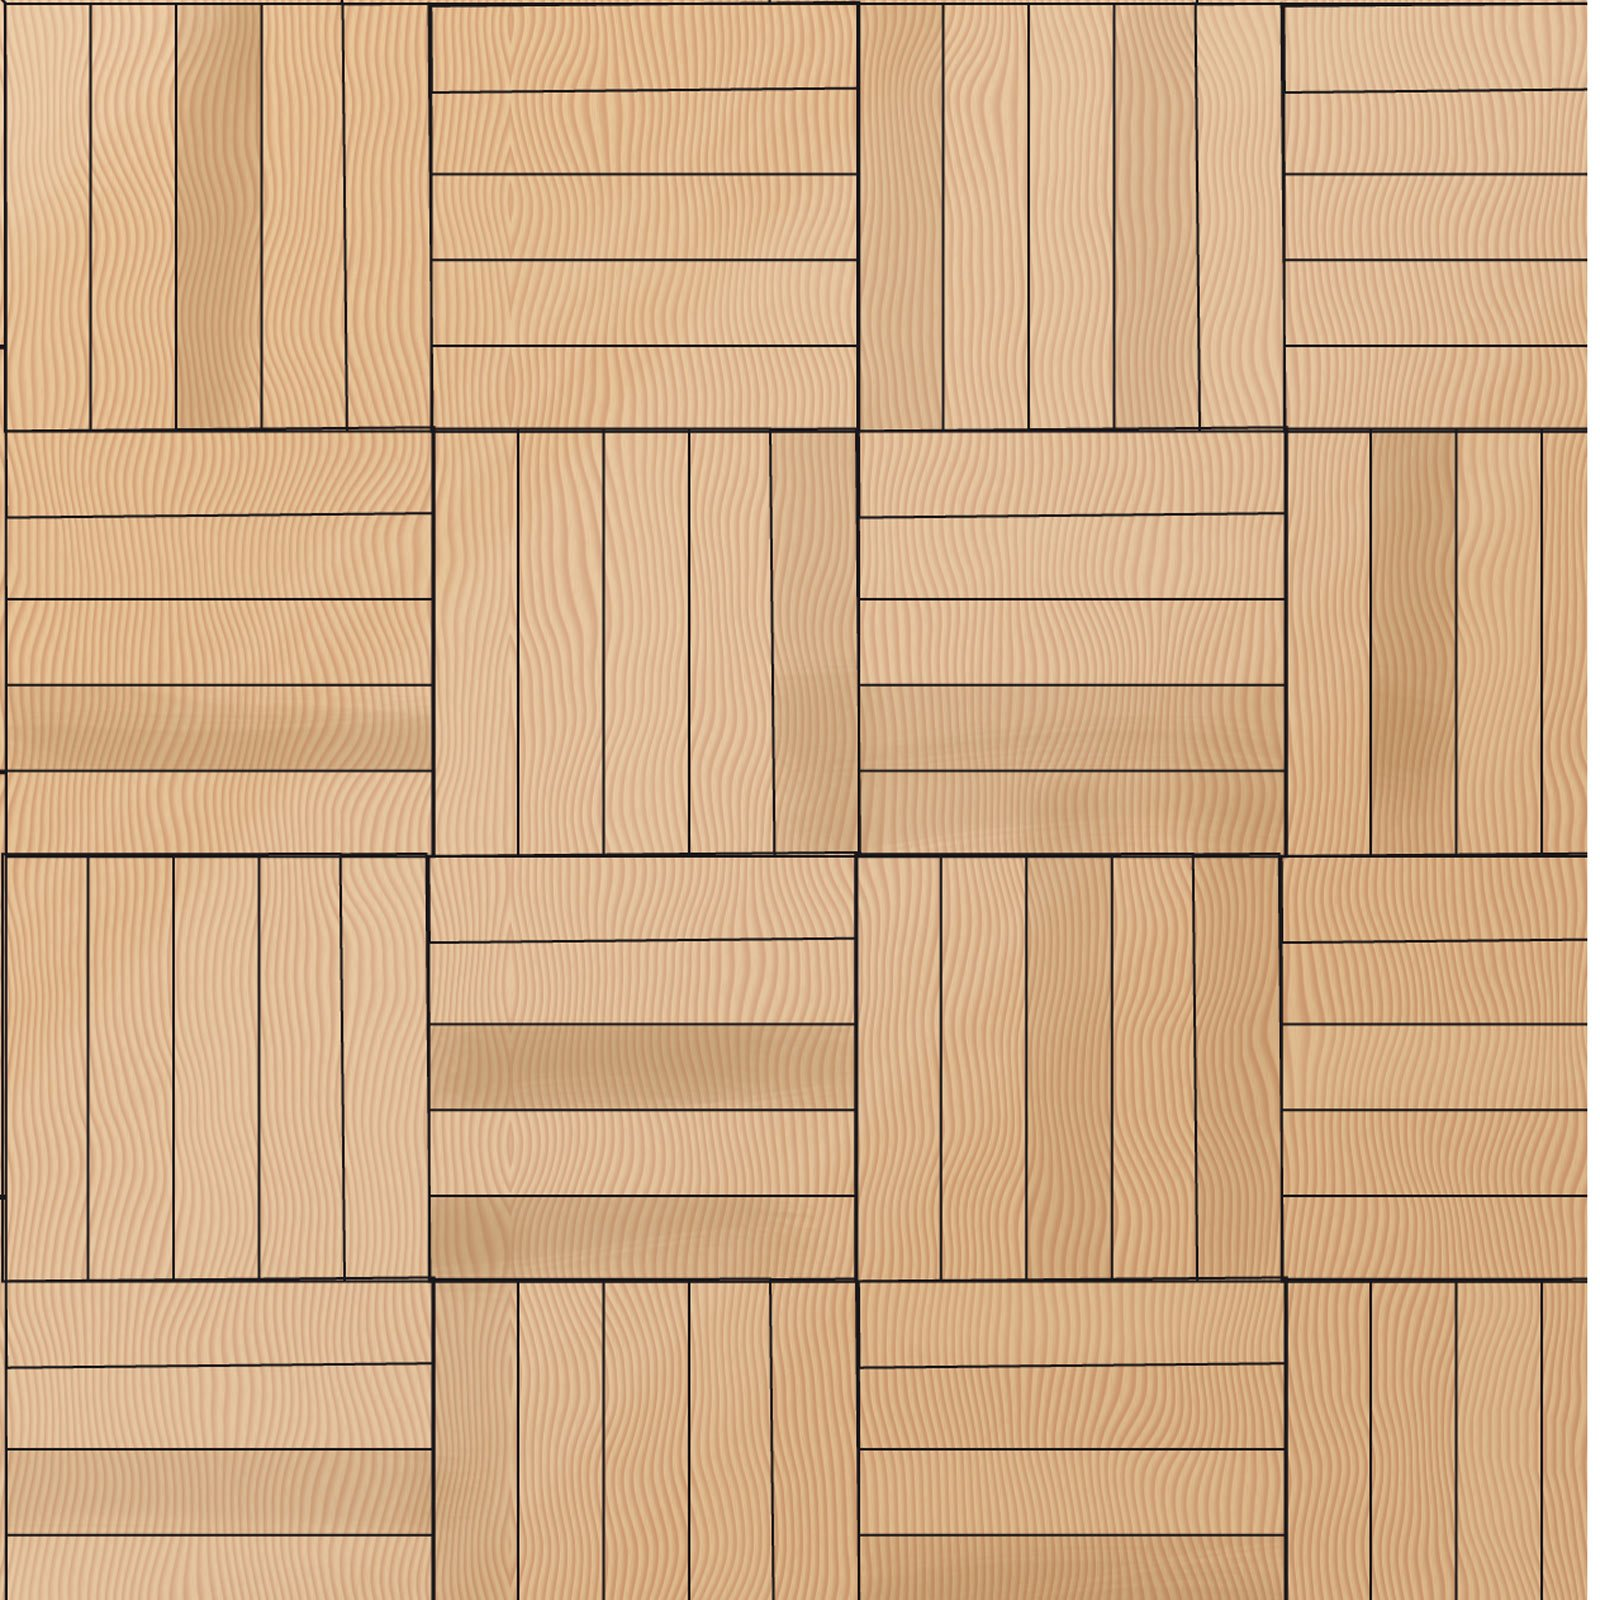 Parquet geometrie e tipi di posa cose di casa - Posa piastrelle mosaico ...